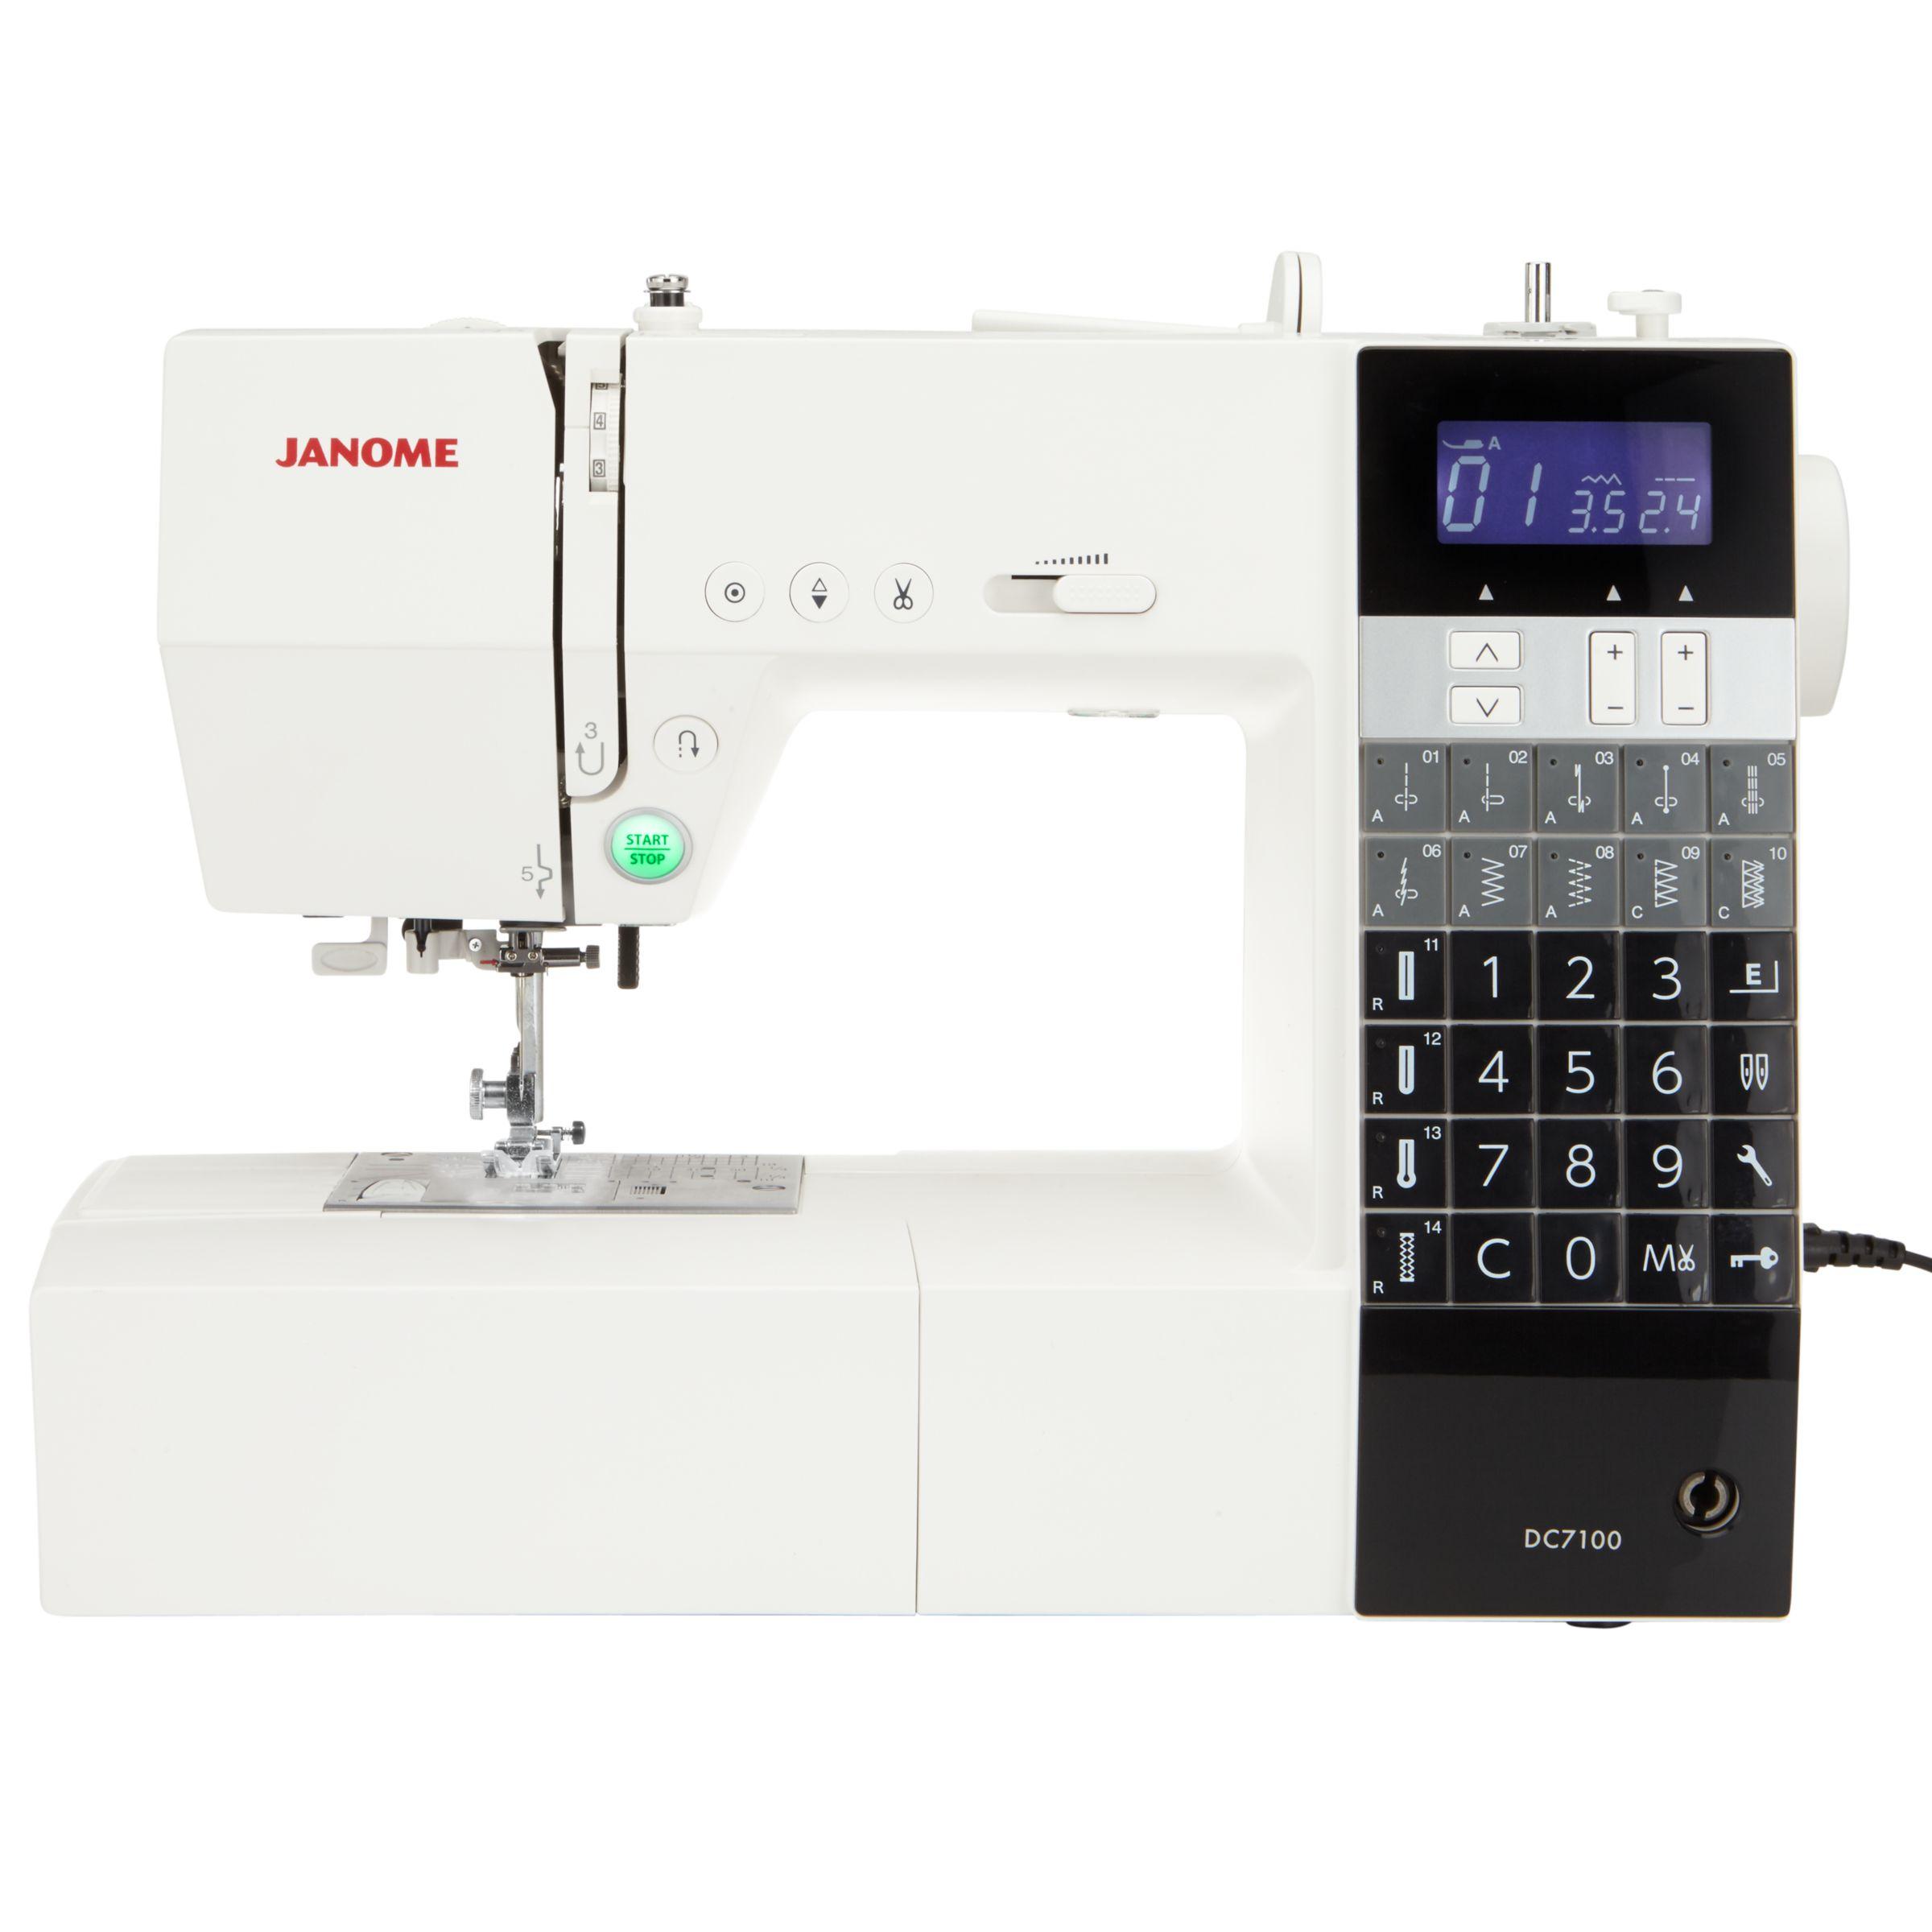 Janome Janome DC7100 Sewing Machine